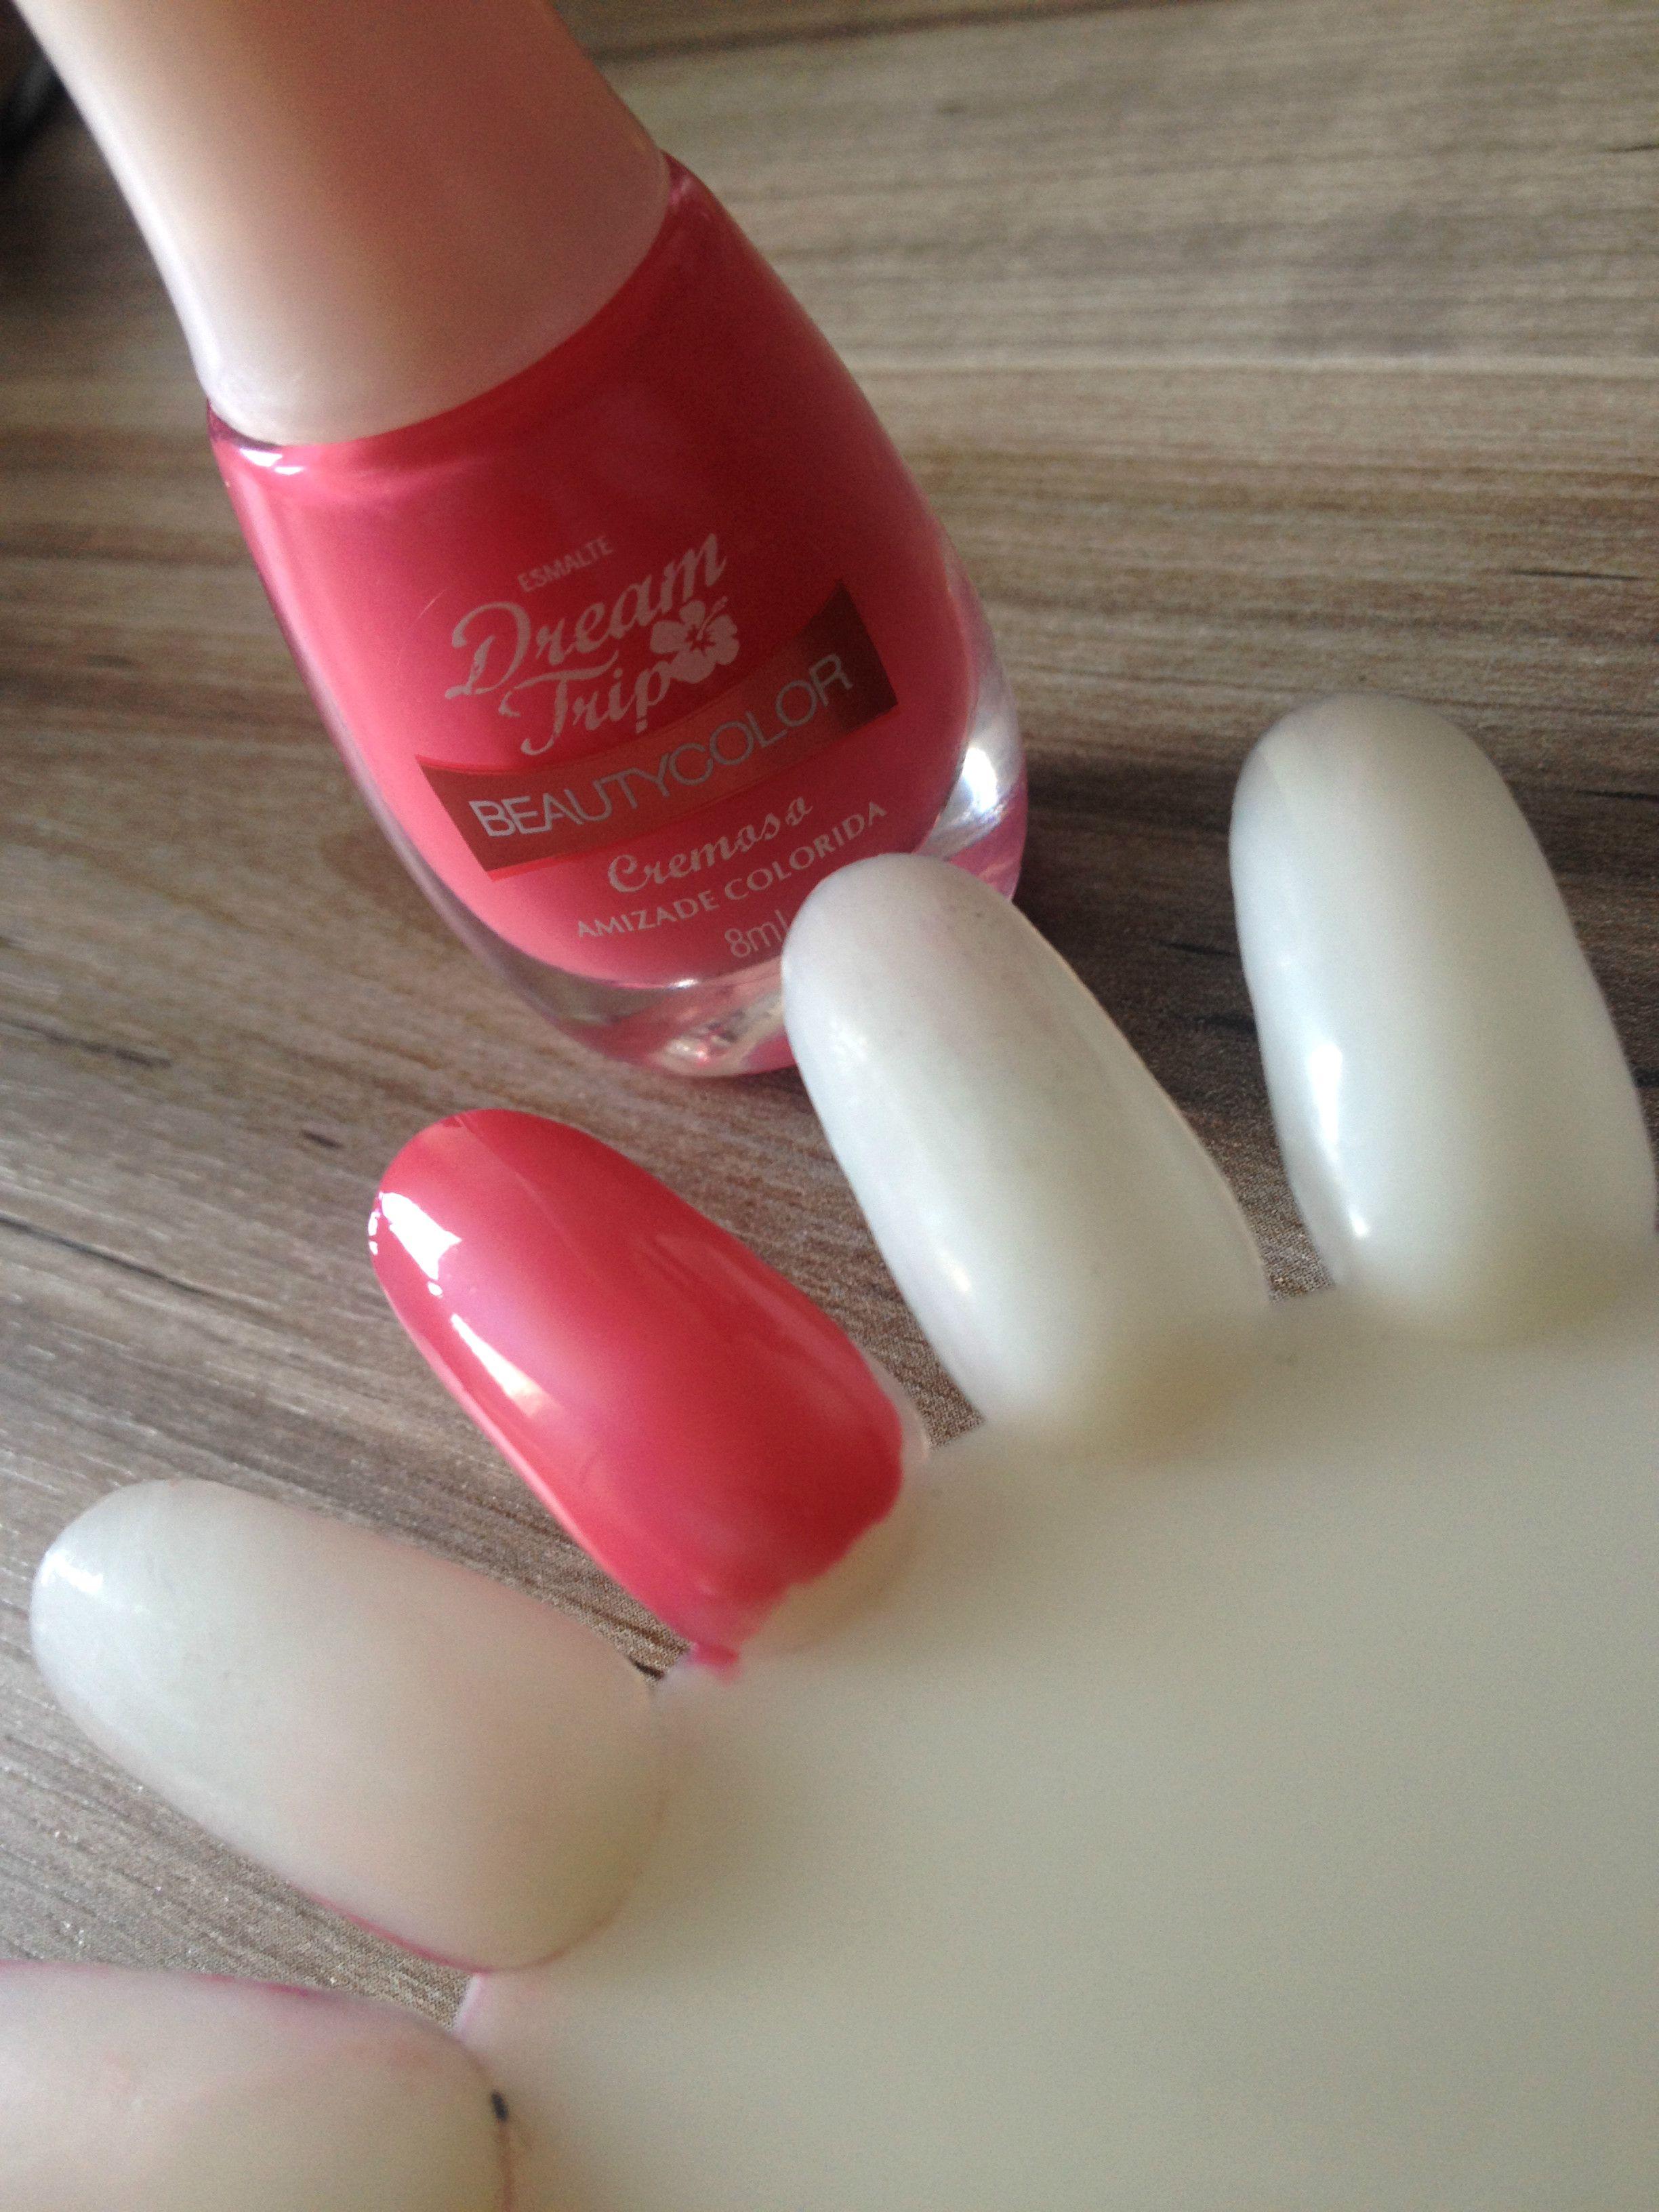 Hoje não teve look do dia no Blog, mas tem esmalte gracinha, faz uma visitinha. ;) http://goo.gl/rLGBSN #esmalte #beautycolor #unhas #nails #nail #unha #resenha #review #dica #beaute #beauty #beautyblogger